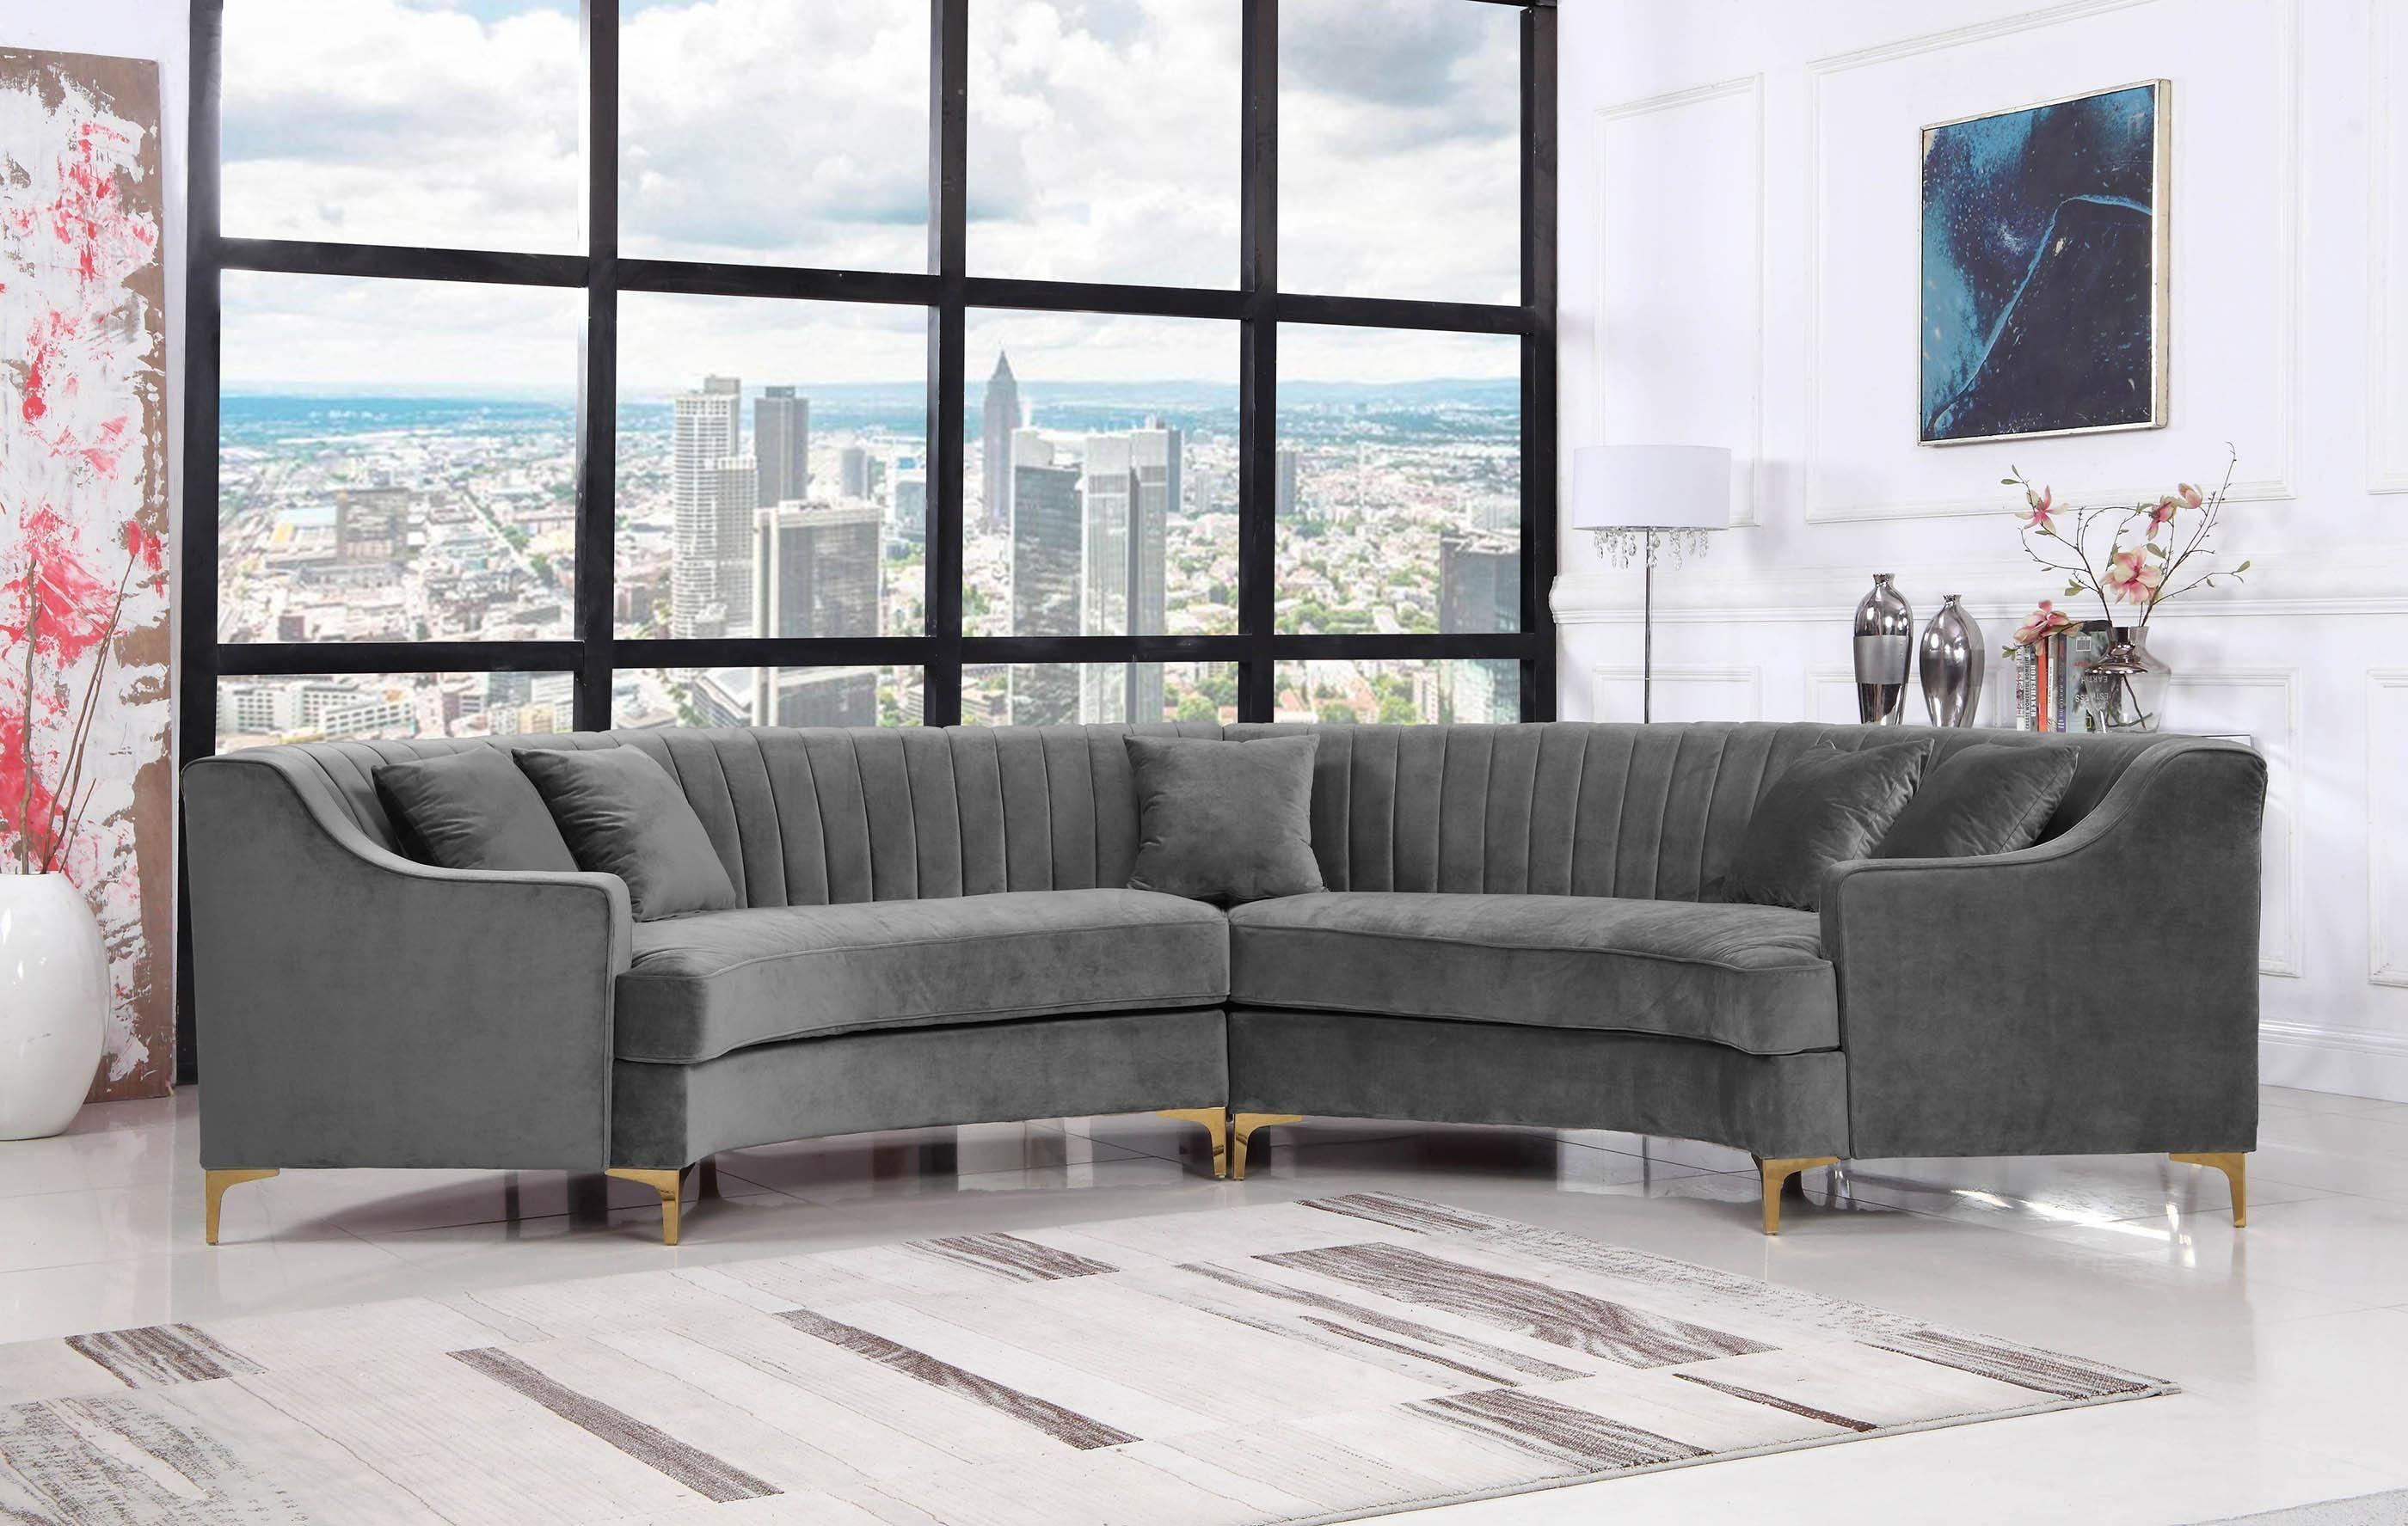 meridian jackson 673 sectional sofa 2 pcs in gray soft velvet